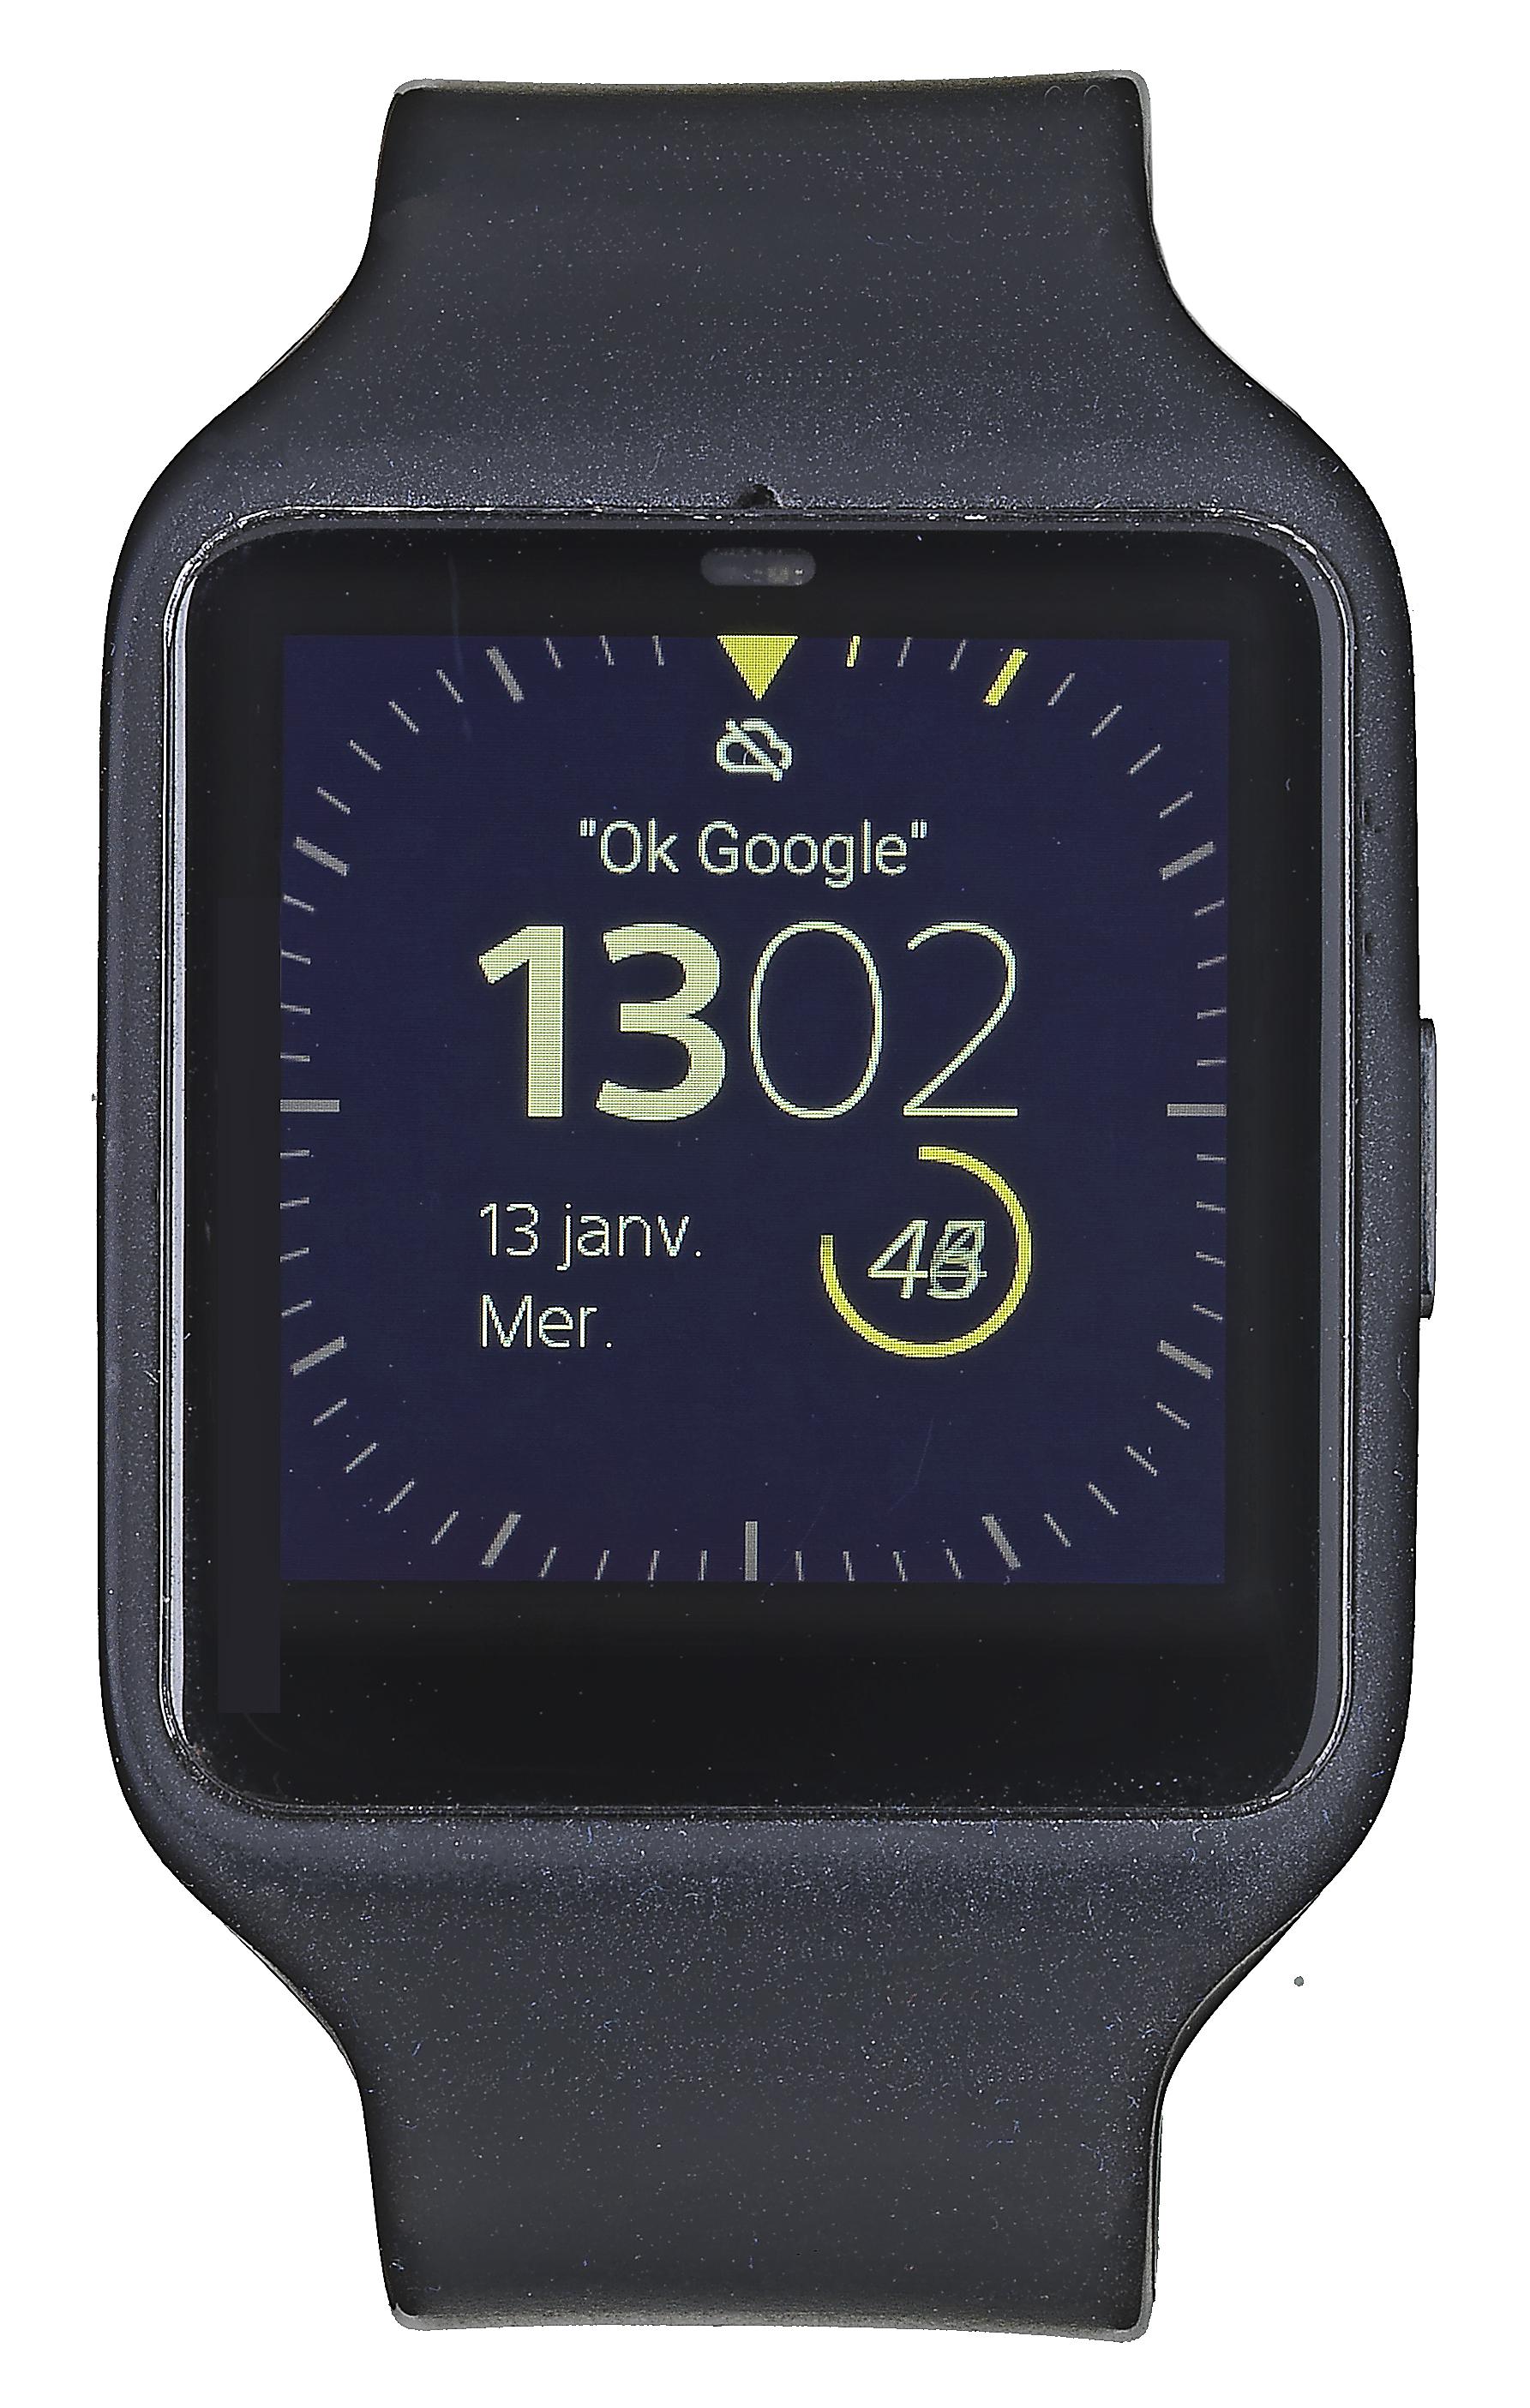 montre connect e sony 10 montres connect es qui remettent les pendules l 39 heure elle. Black Bedroom Furniture Sets. Home Design Ideas